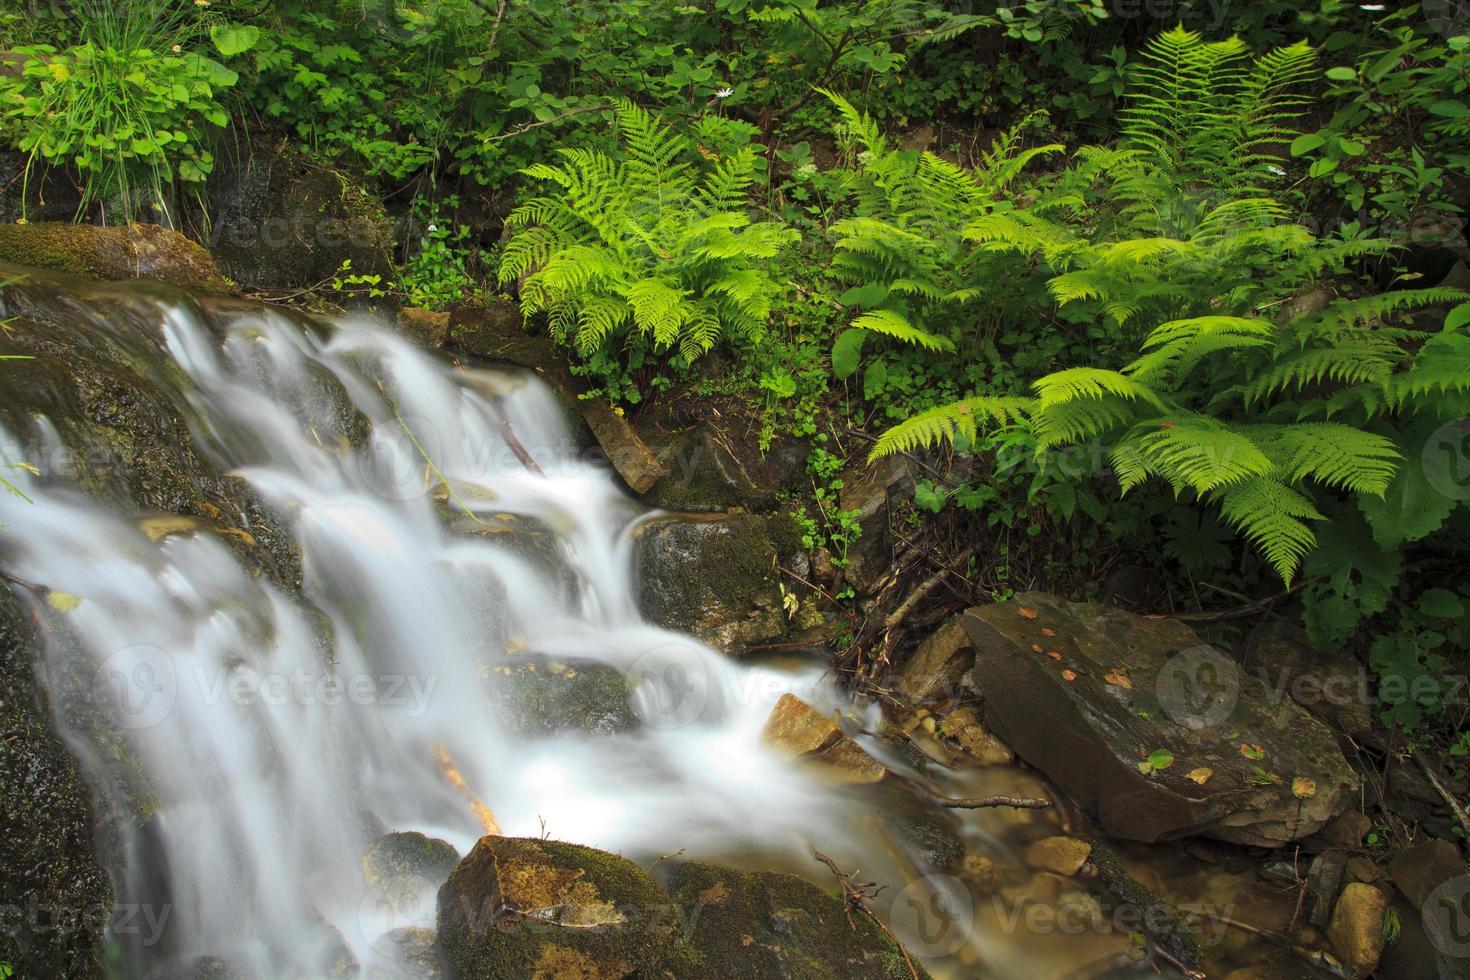 cachoeira no verão perto da samambaia foto